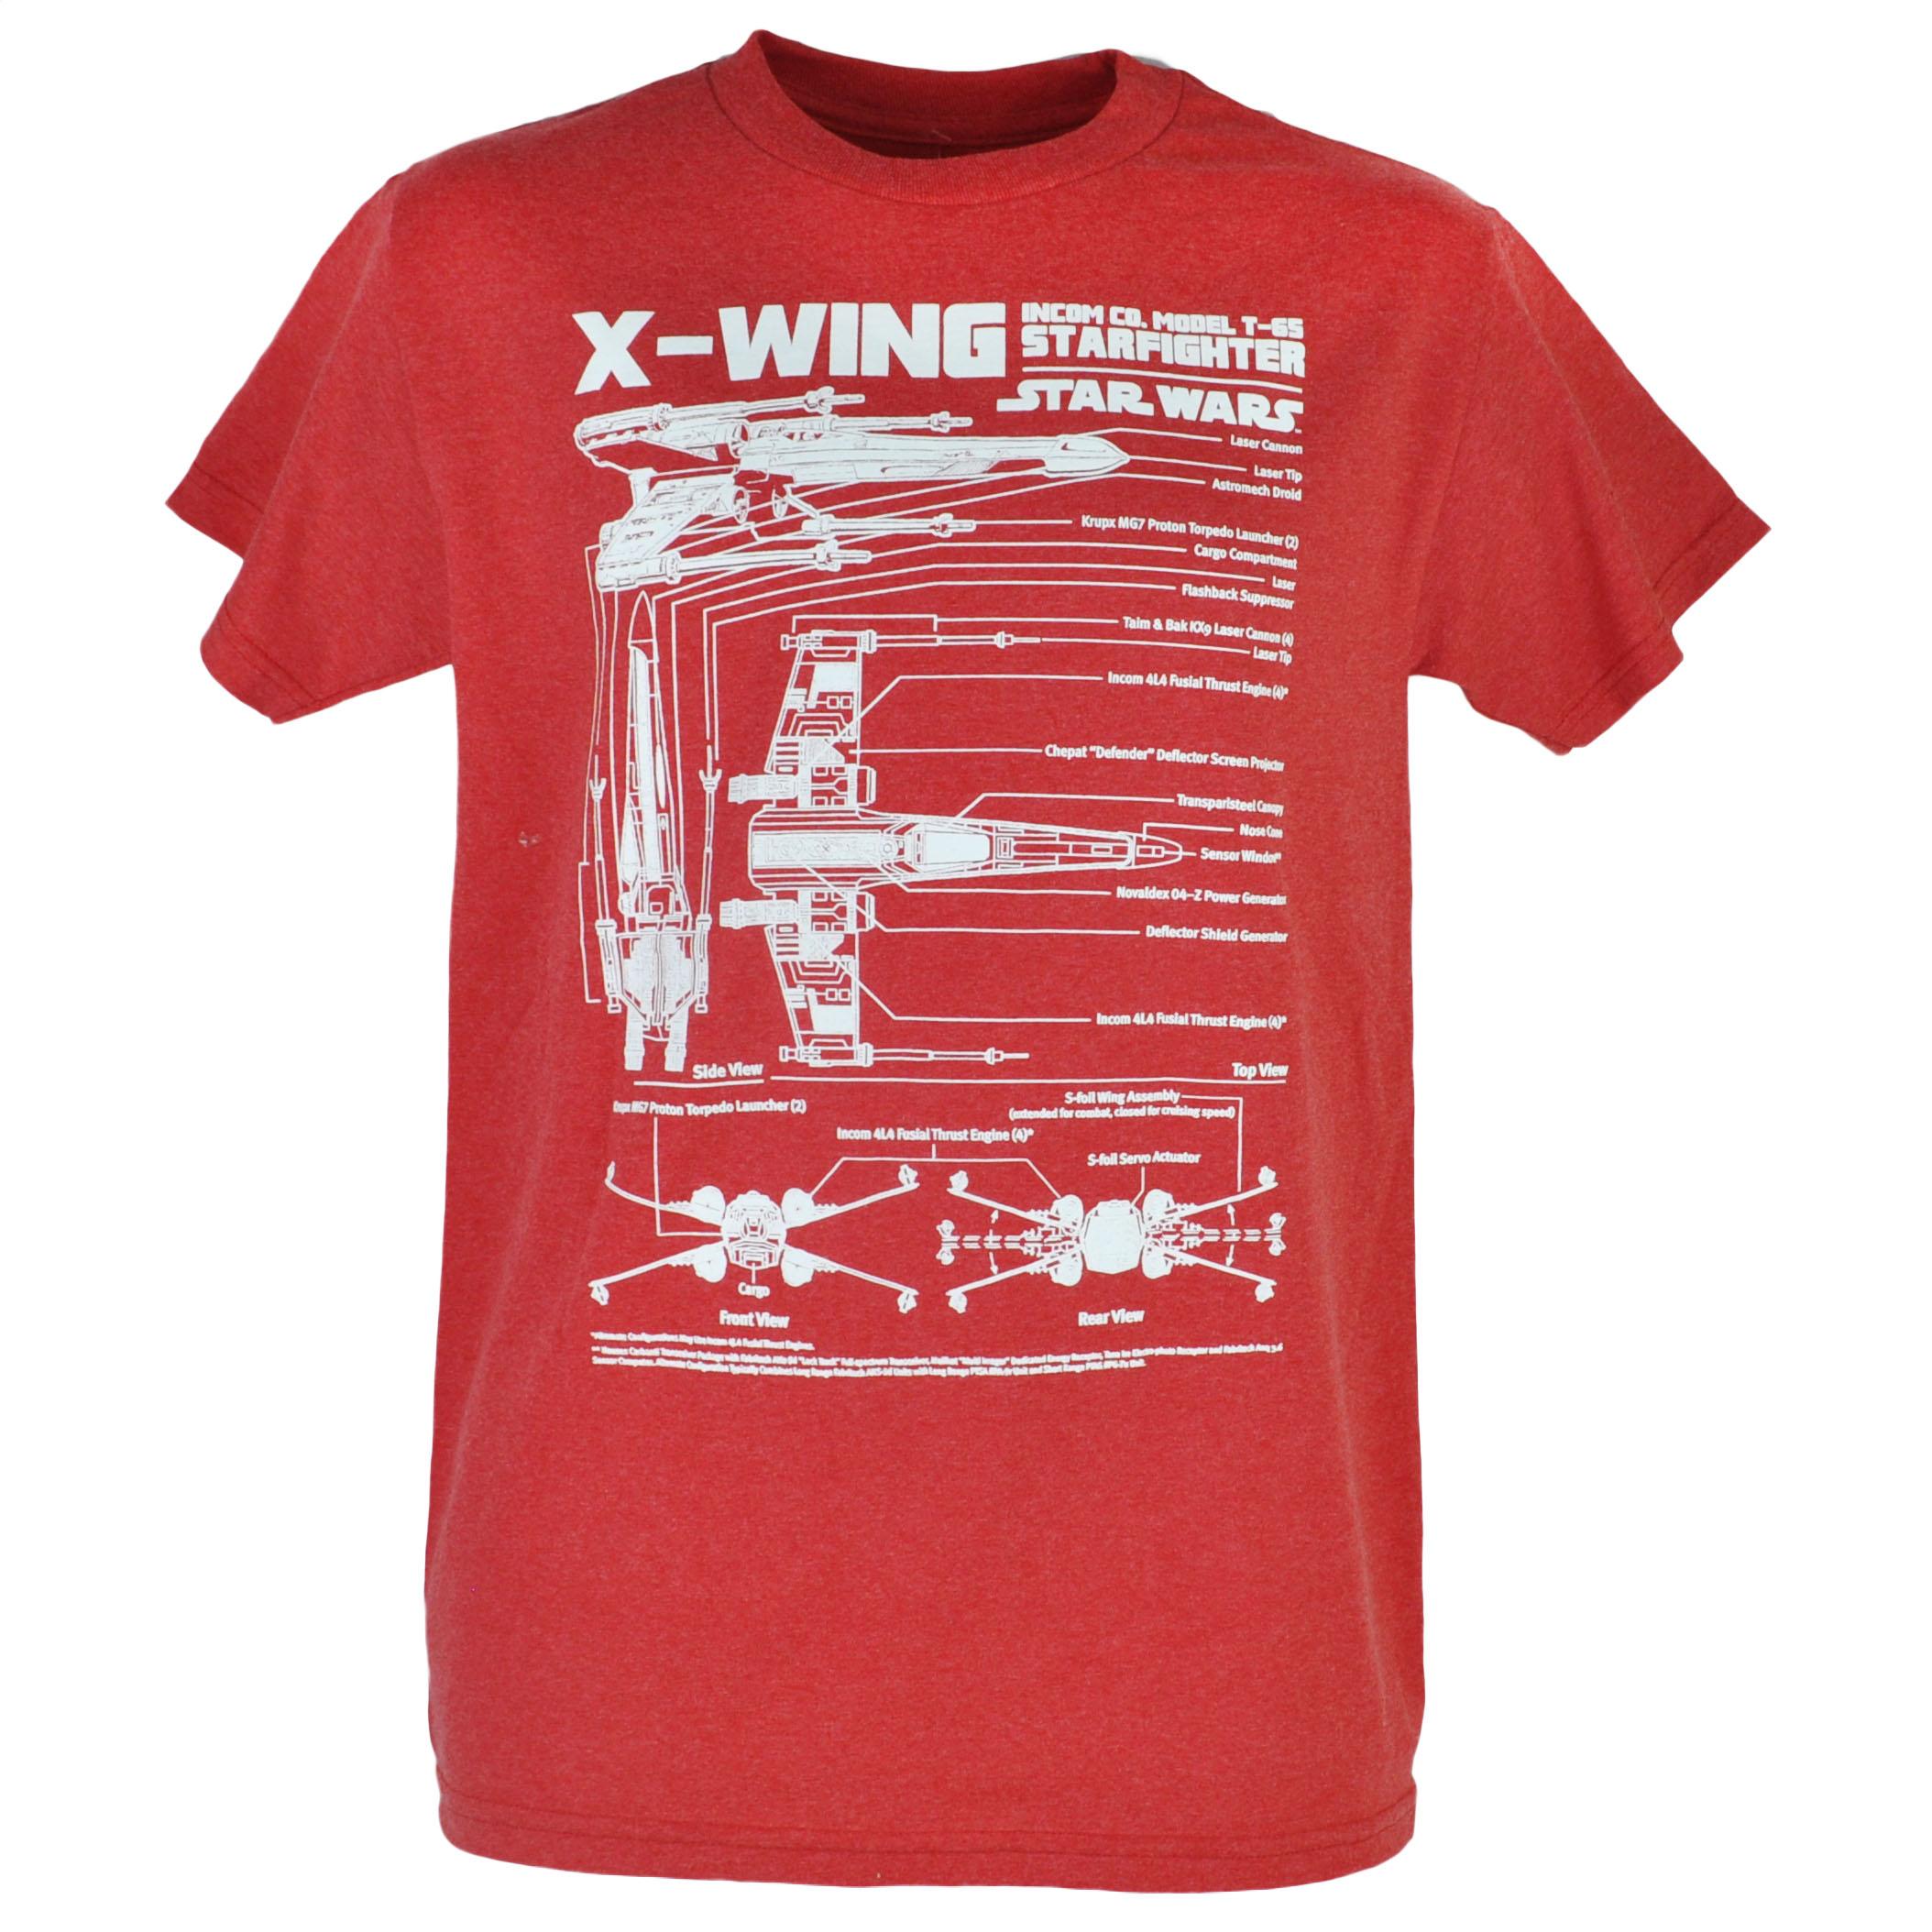 disney star wars x-wing schematics t-65 starfighter heather red t, Wiring schematic